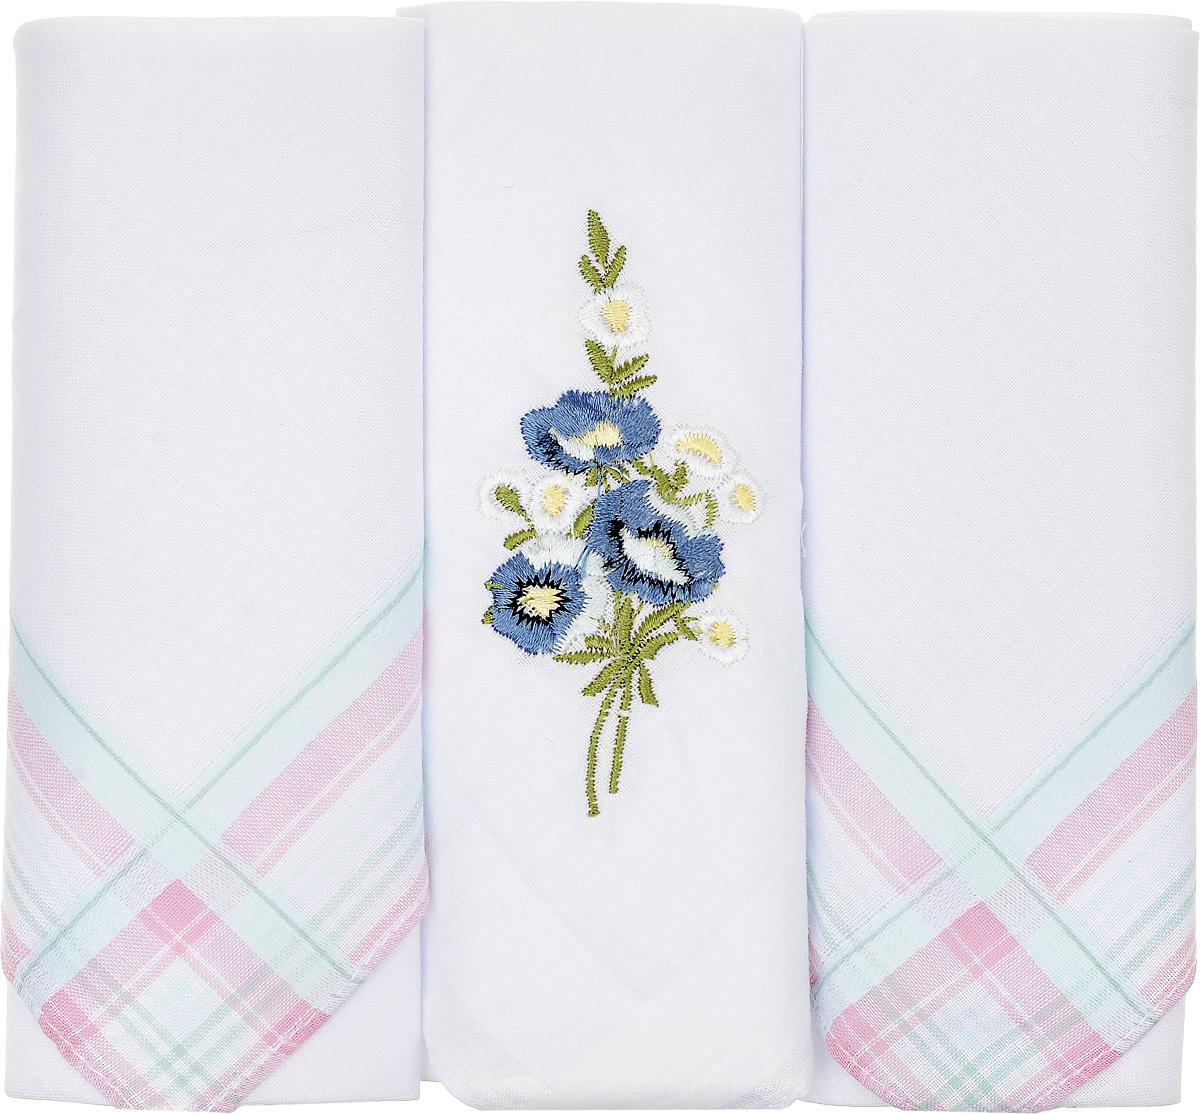 Платок носовой женский Zlata Korunka, цвет: белый, 3 шт. 90329-39. Размер 29 см х 29 см90329-39Небольшой женский носовой платок Zlata Korunka изготовлен из высококачественного натурального хлопка, благодаря чему приятен в использовании, хорошо стирается, не садится и отлично впитывает влагу. Практичный и изящный носовой платок будет незаменим в повседневной жизни любого современного человека. Такой платок послужит стильным аксессуаром и подчеркнет ваше превосходное чувство вкуса. В комплекте 3 платка.